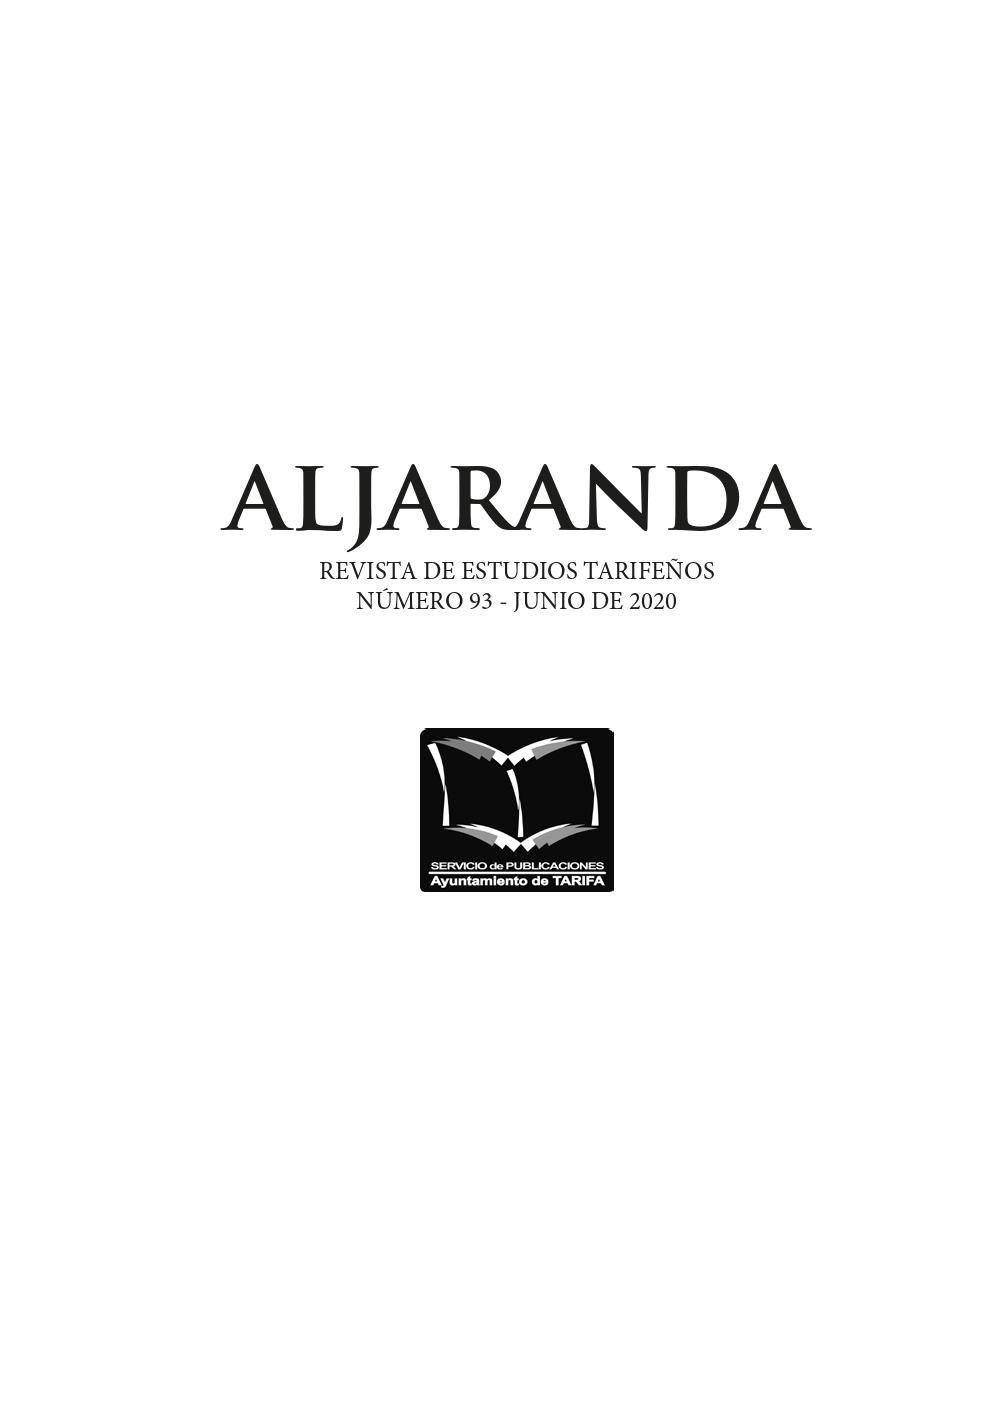 Imagen de portada de la revista Aljaranda